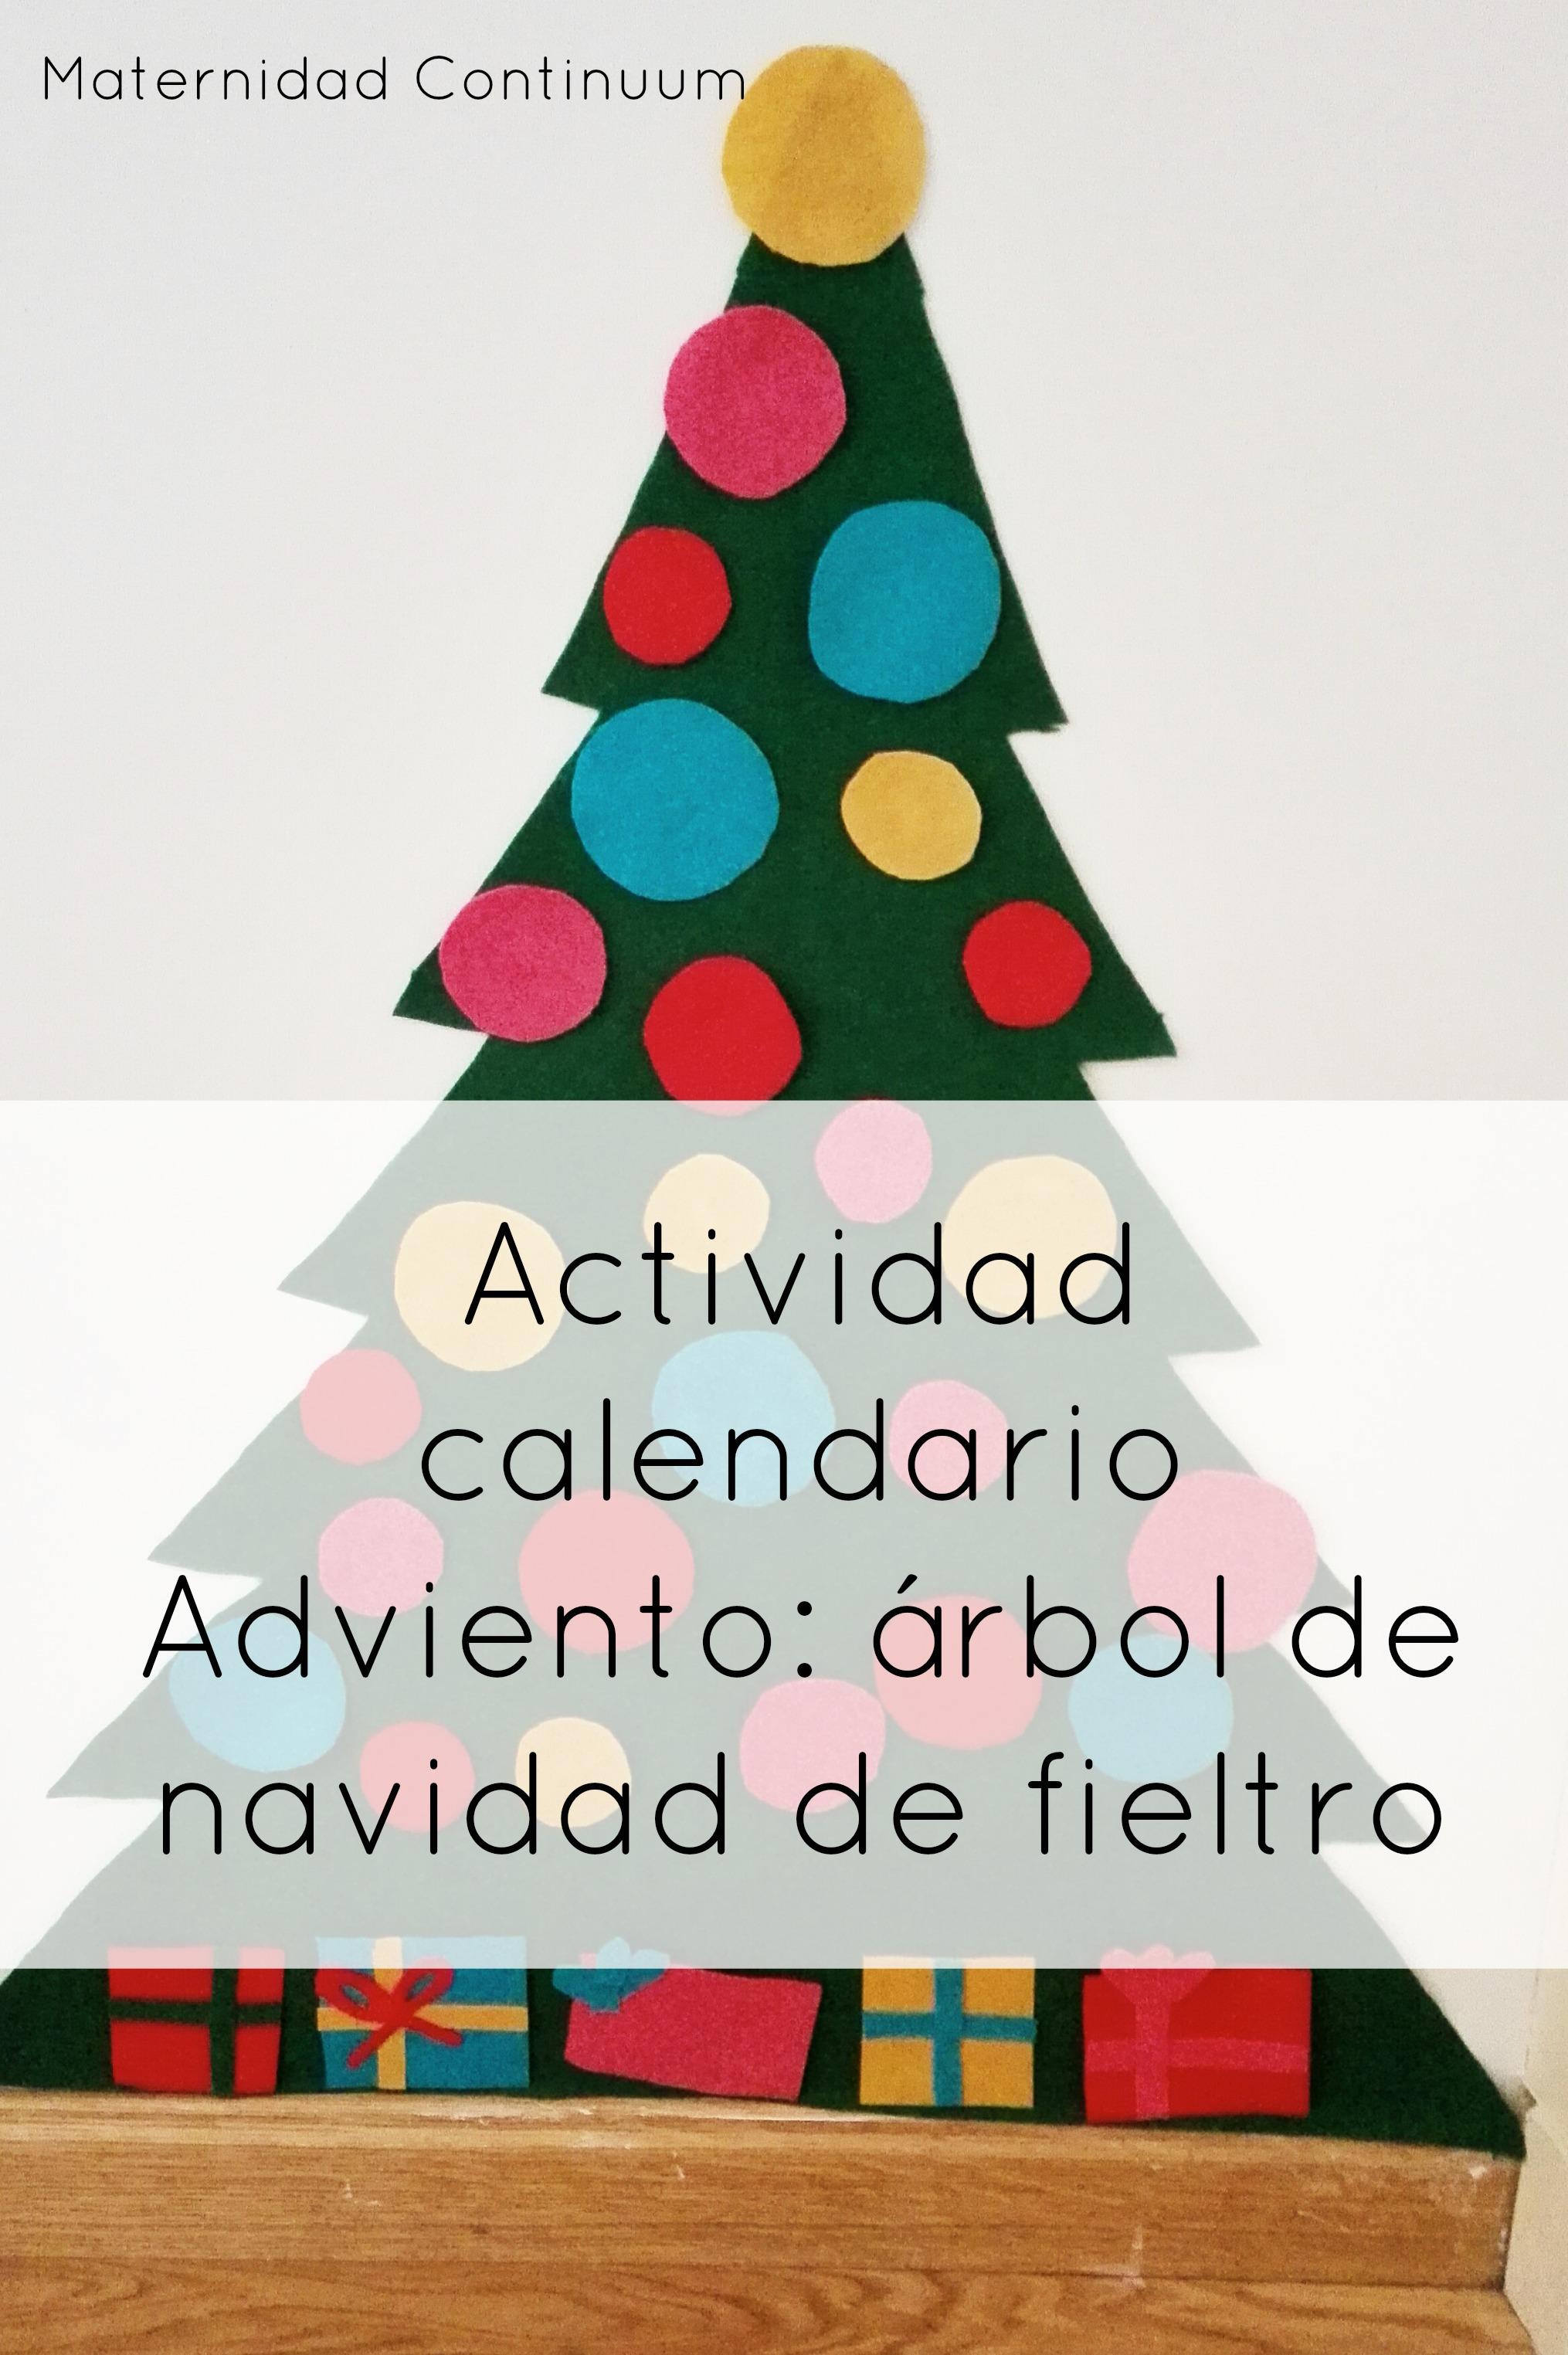 Actividad calendario adviento rbol de navidad de fieltro - Arbol de navidad de fieltro ...